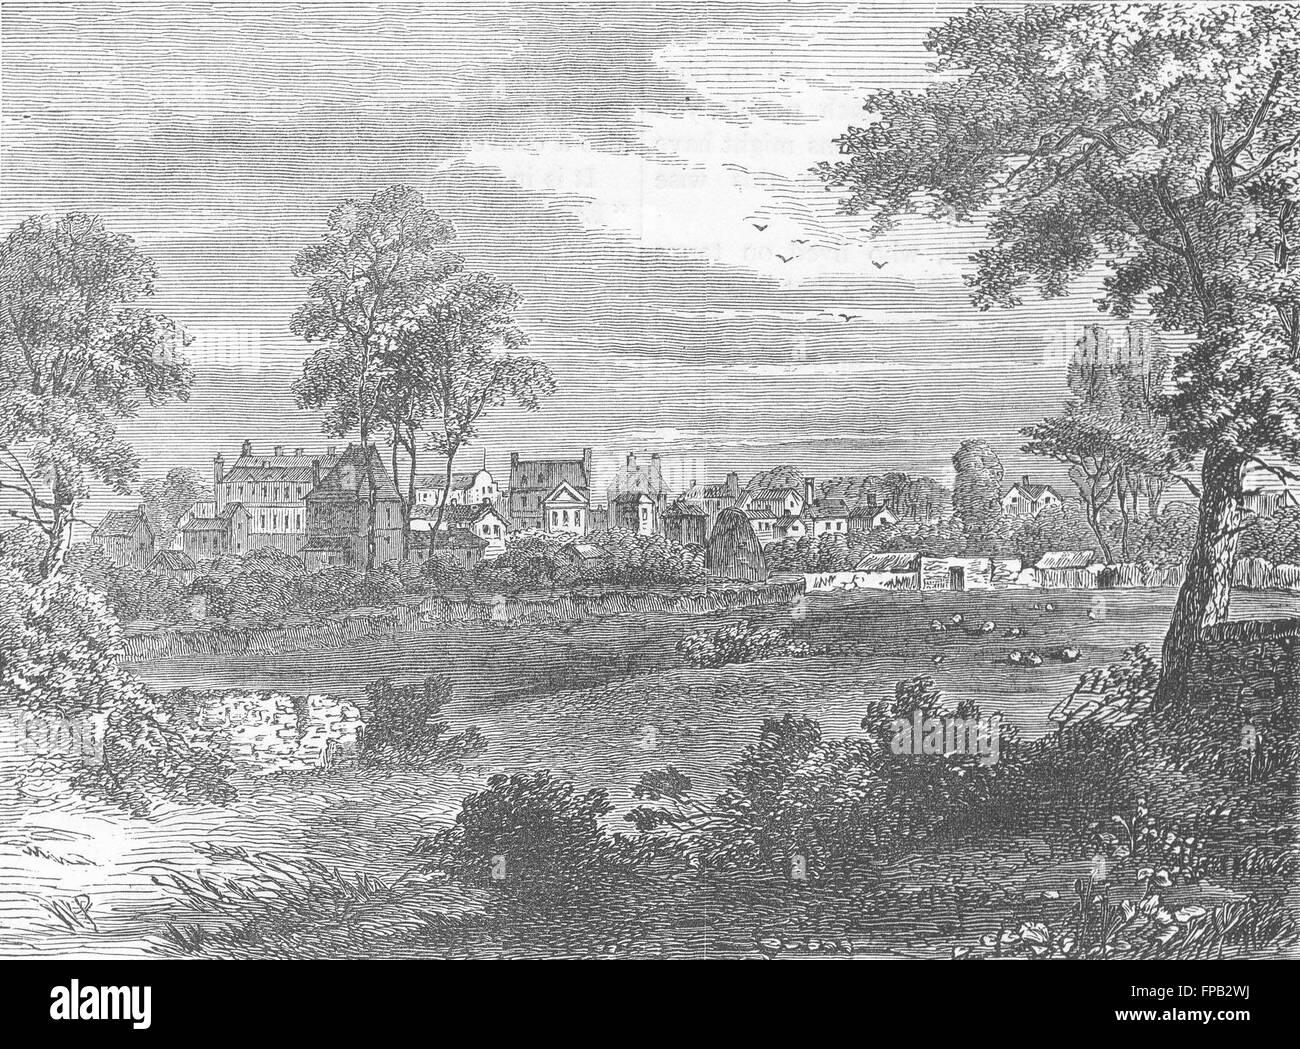 LONDON: Kensington: about 1750, antique print 1880 - Stock Image